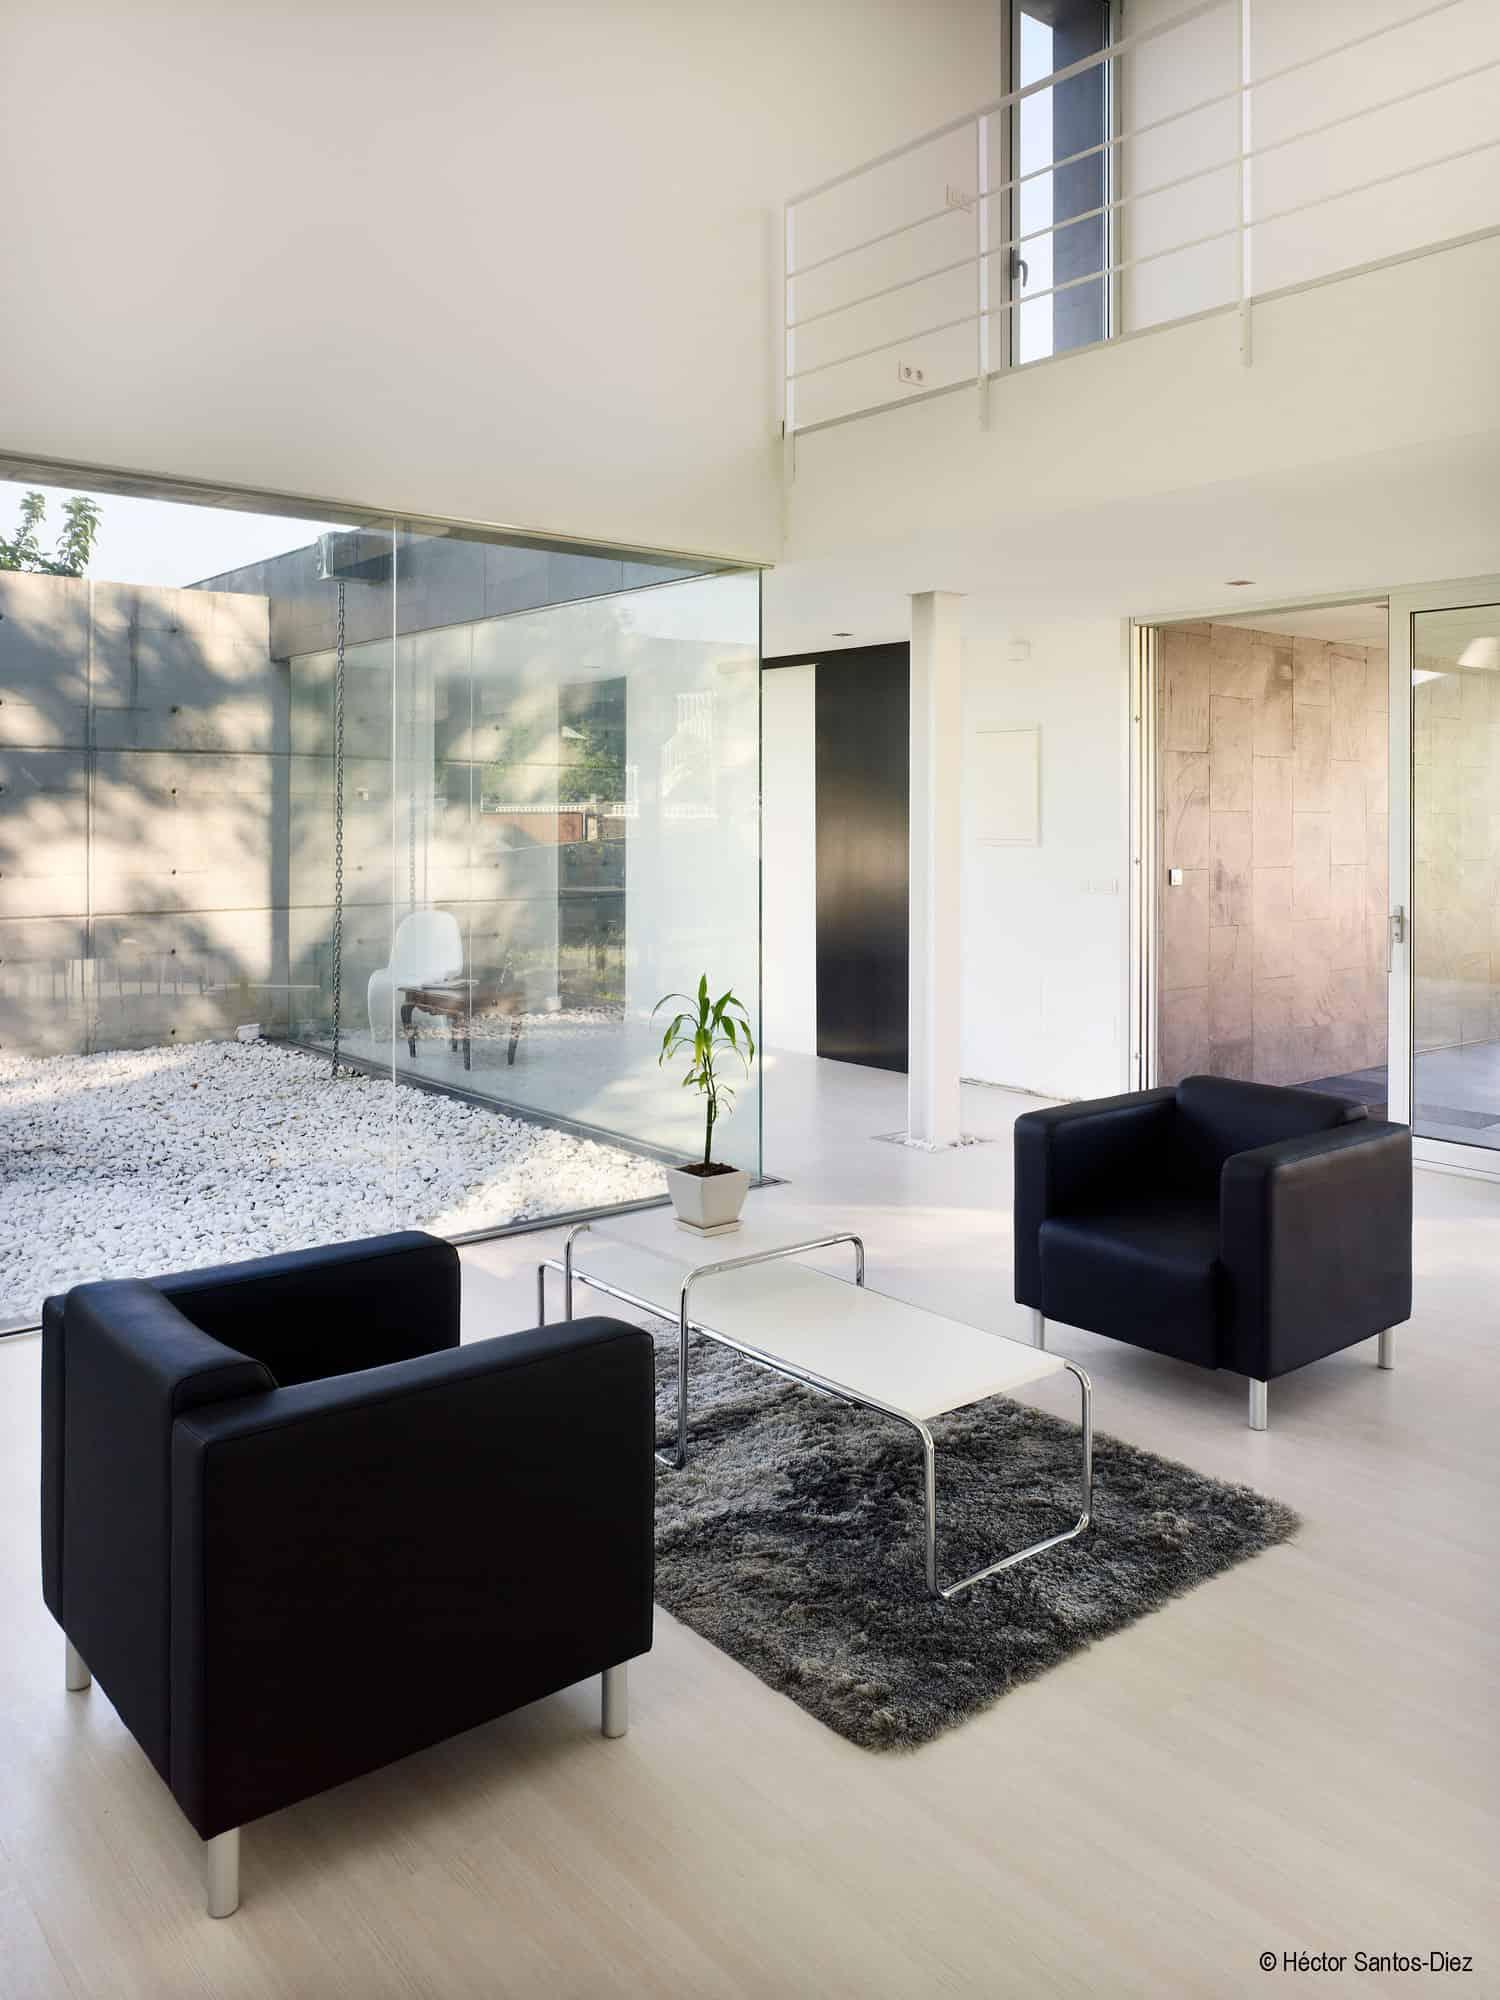 EINS House by Oscar Pedros (4)